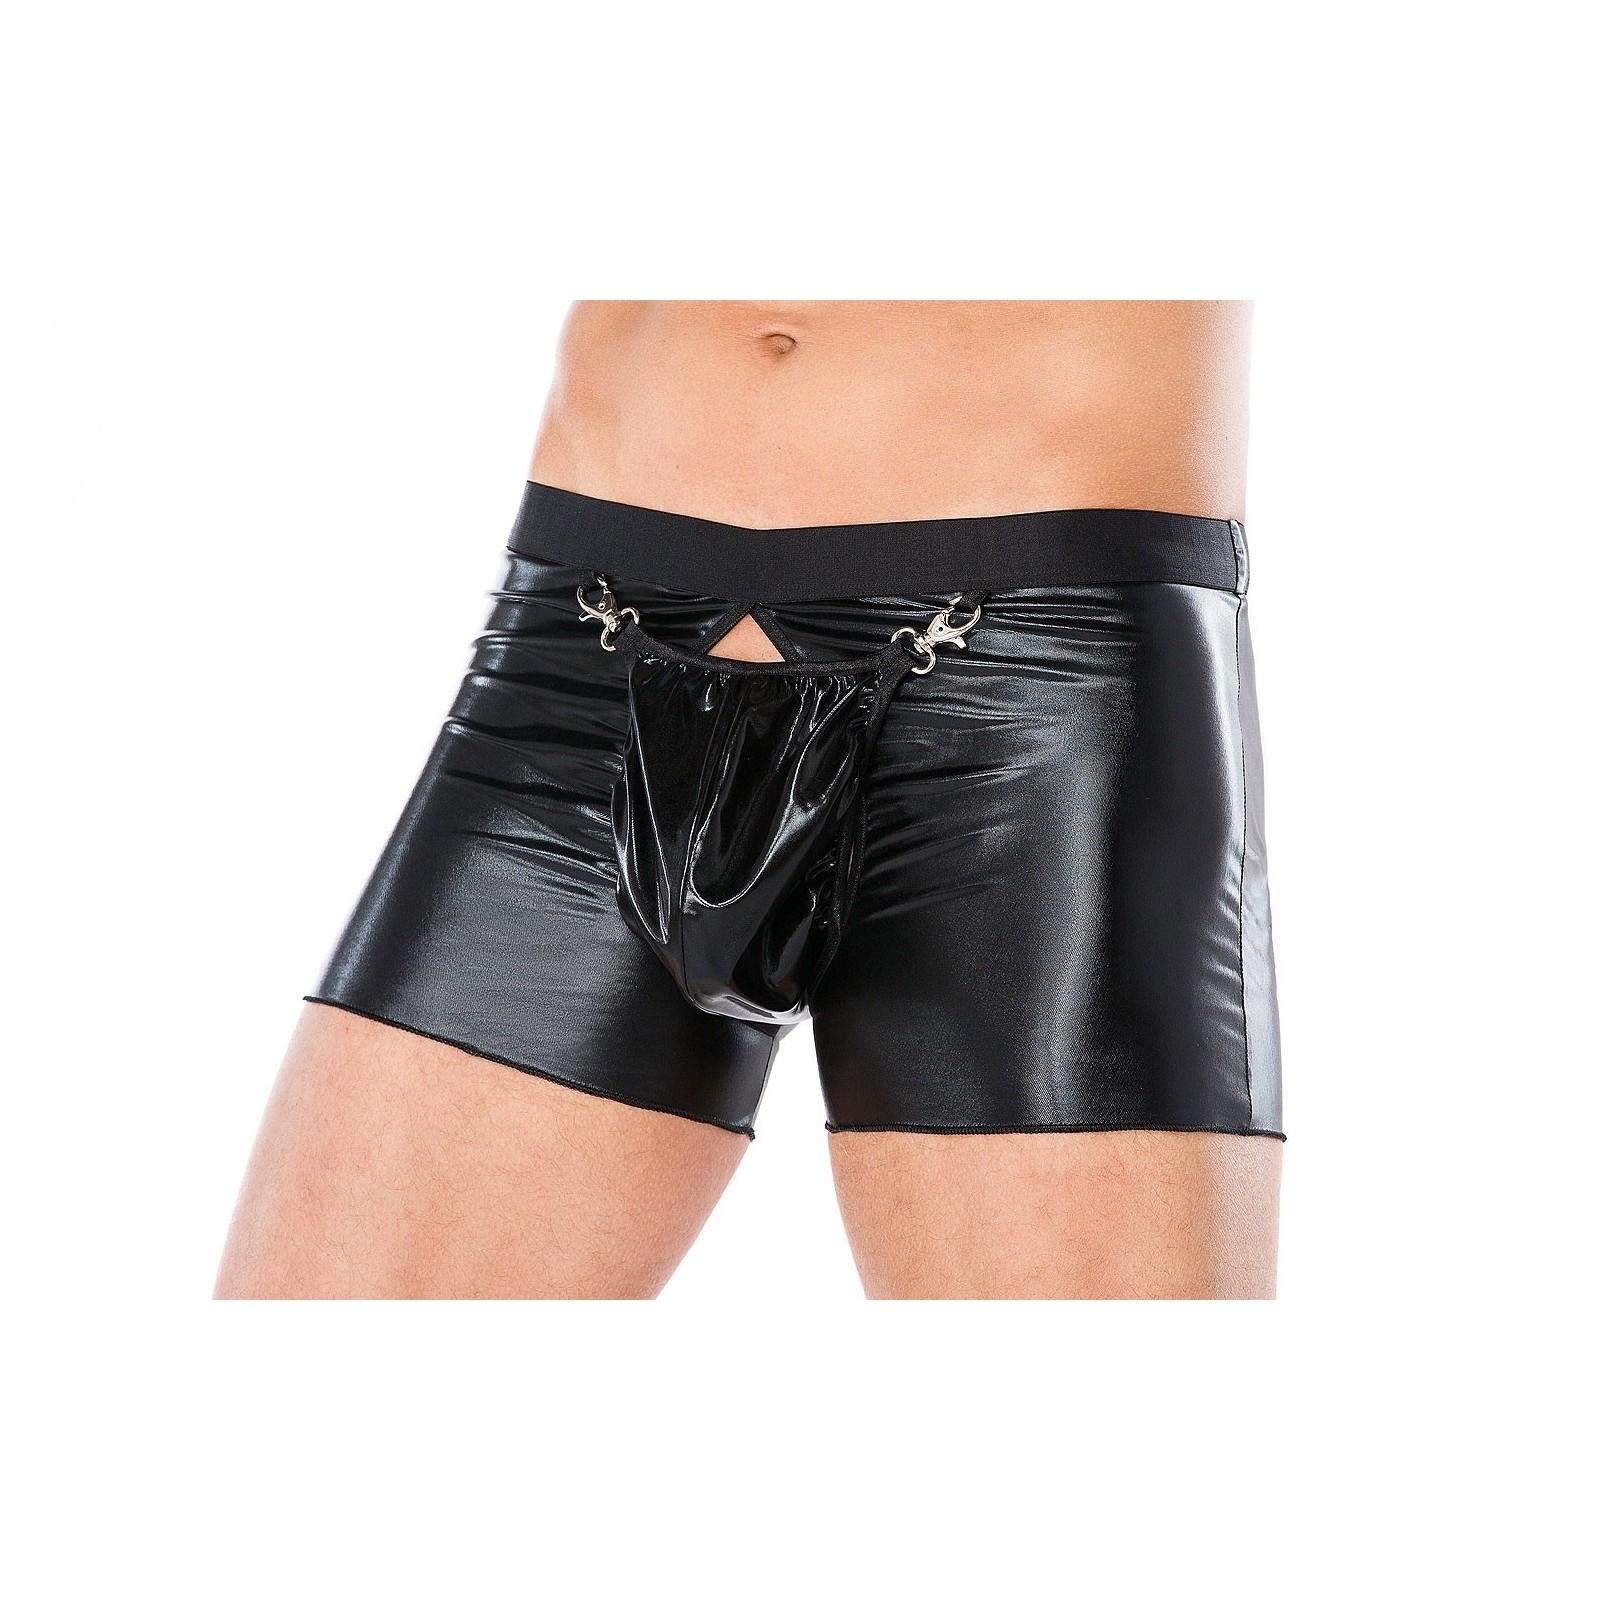 Boxershorts schwarz MC/9007 - 1 - Vorschaubild